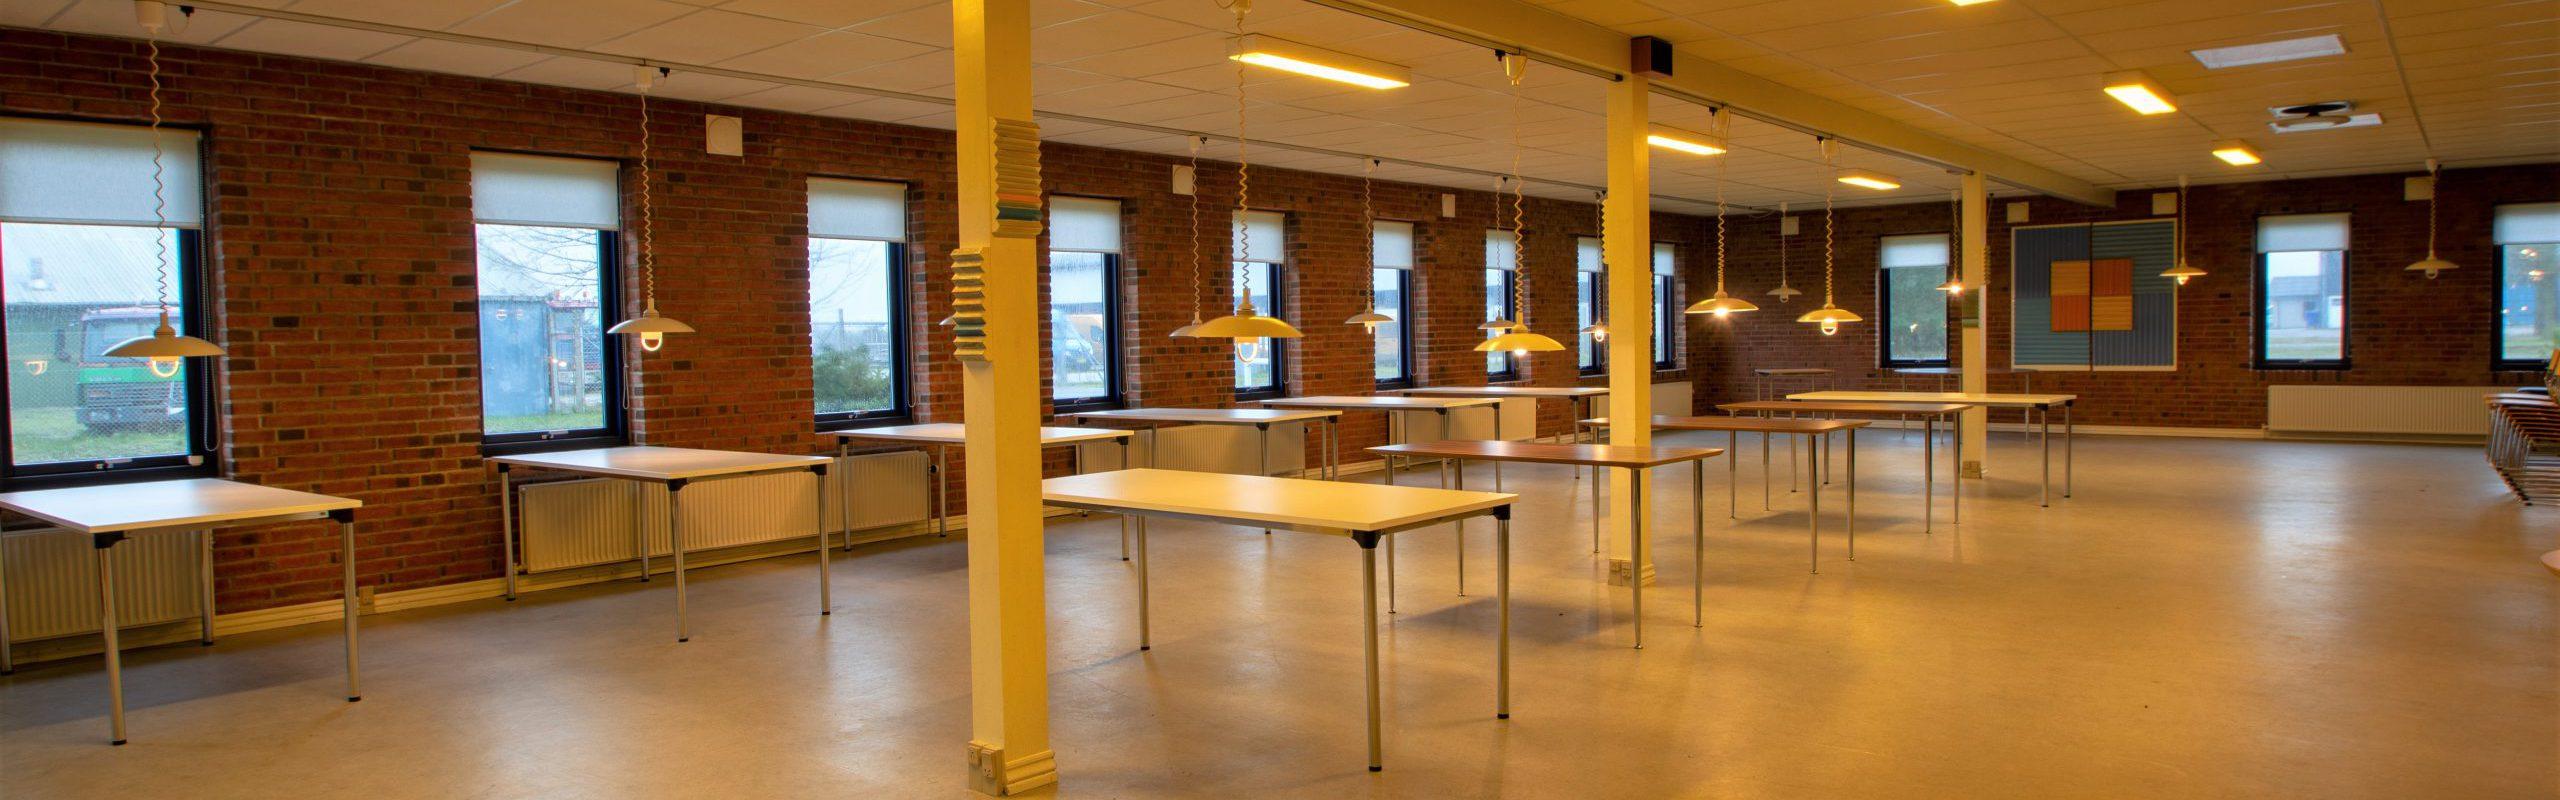 Fjerritslev mødelokale